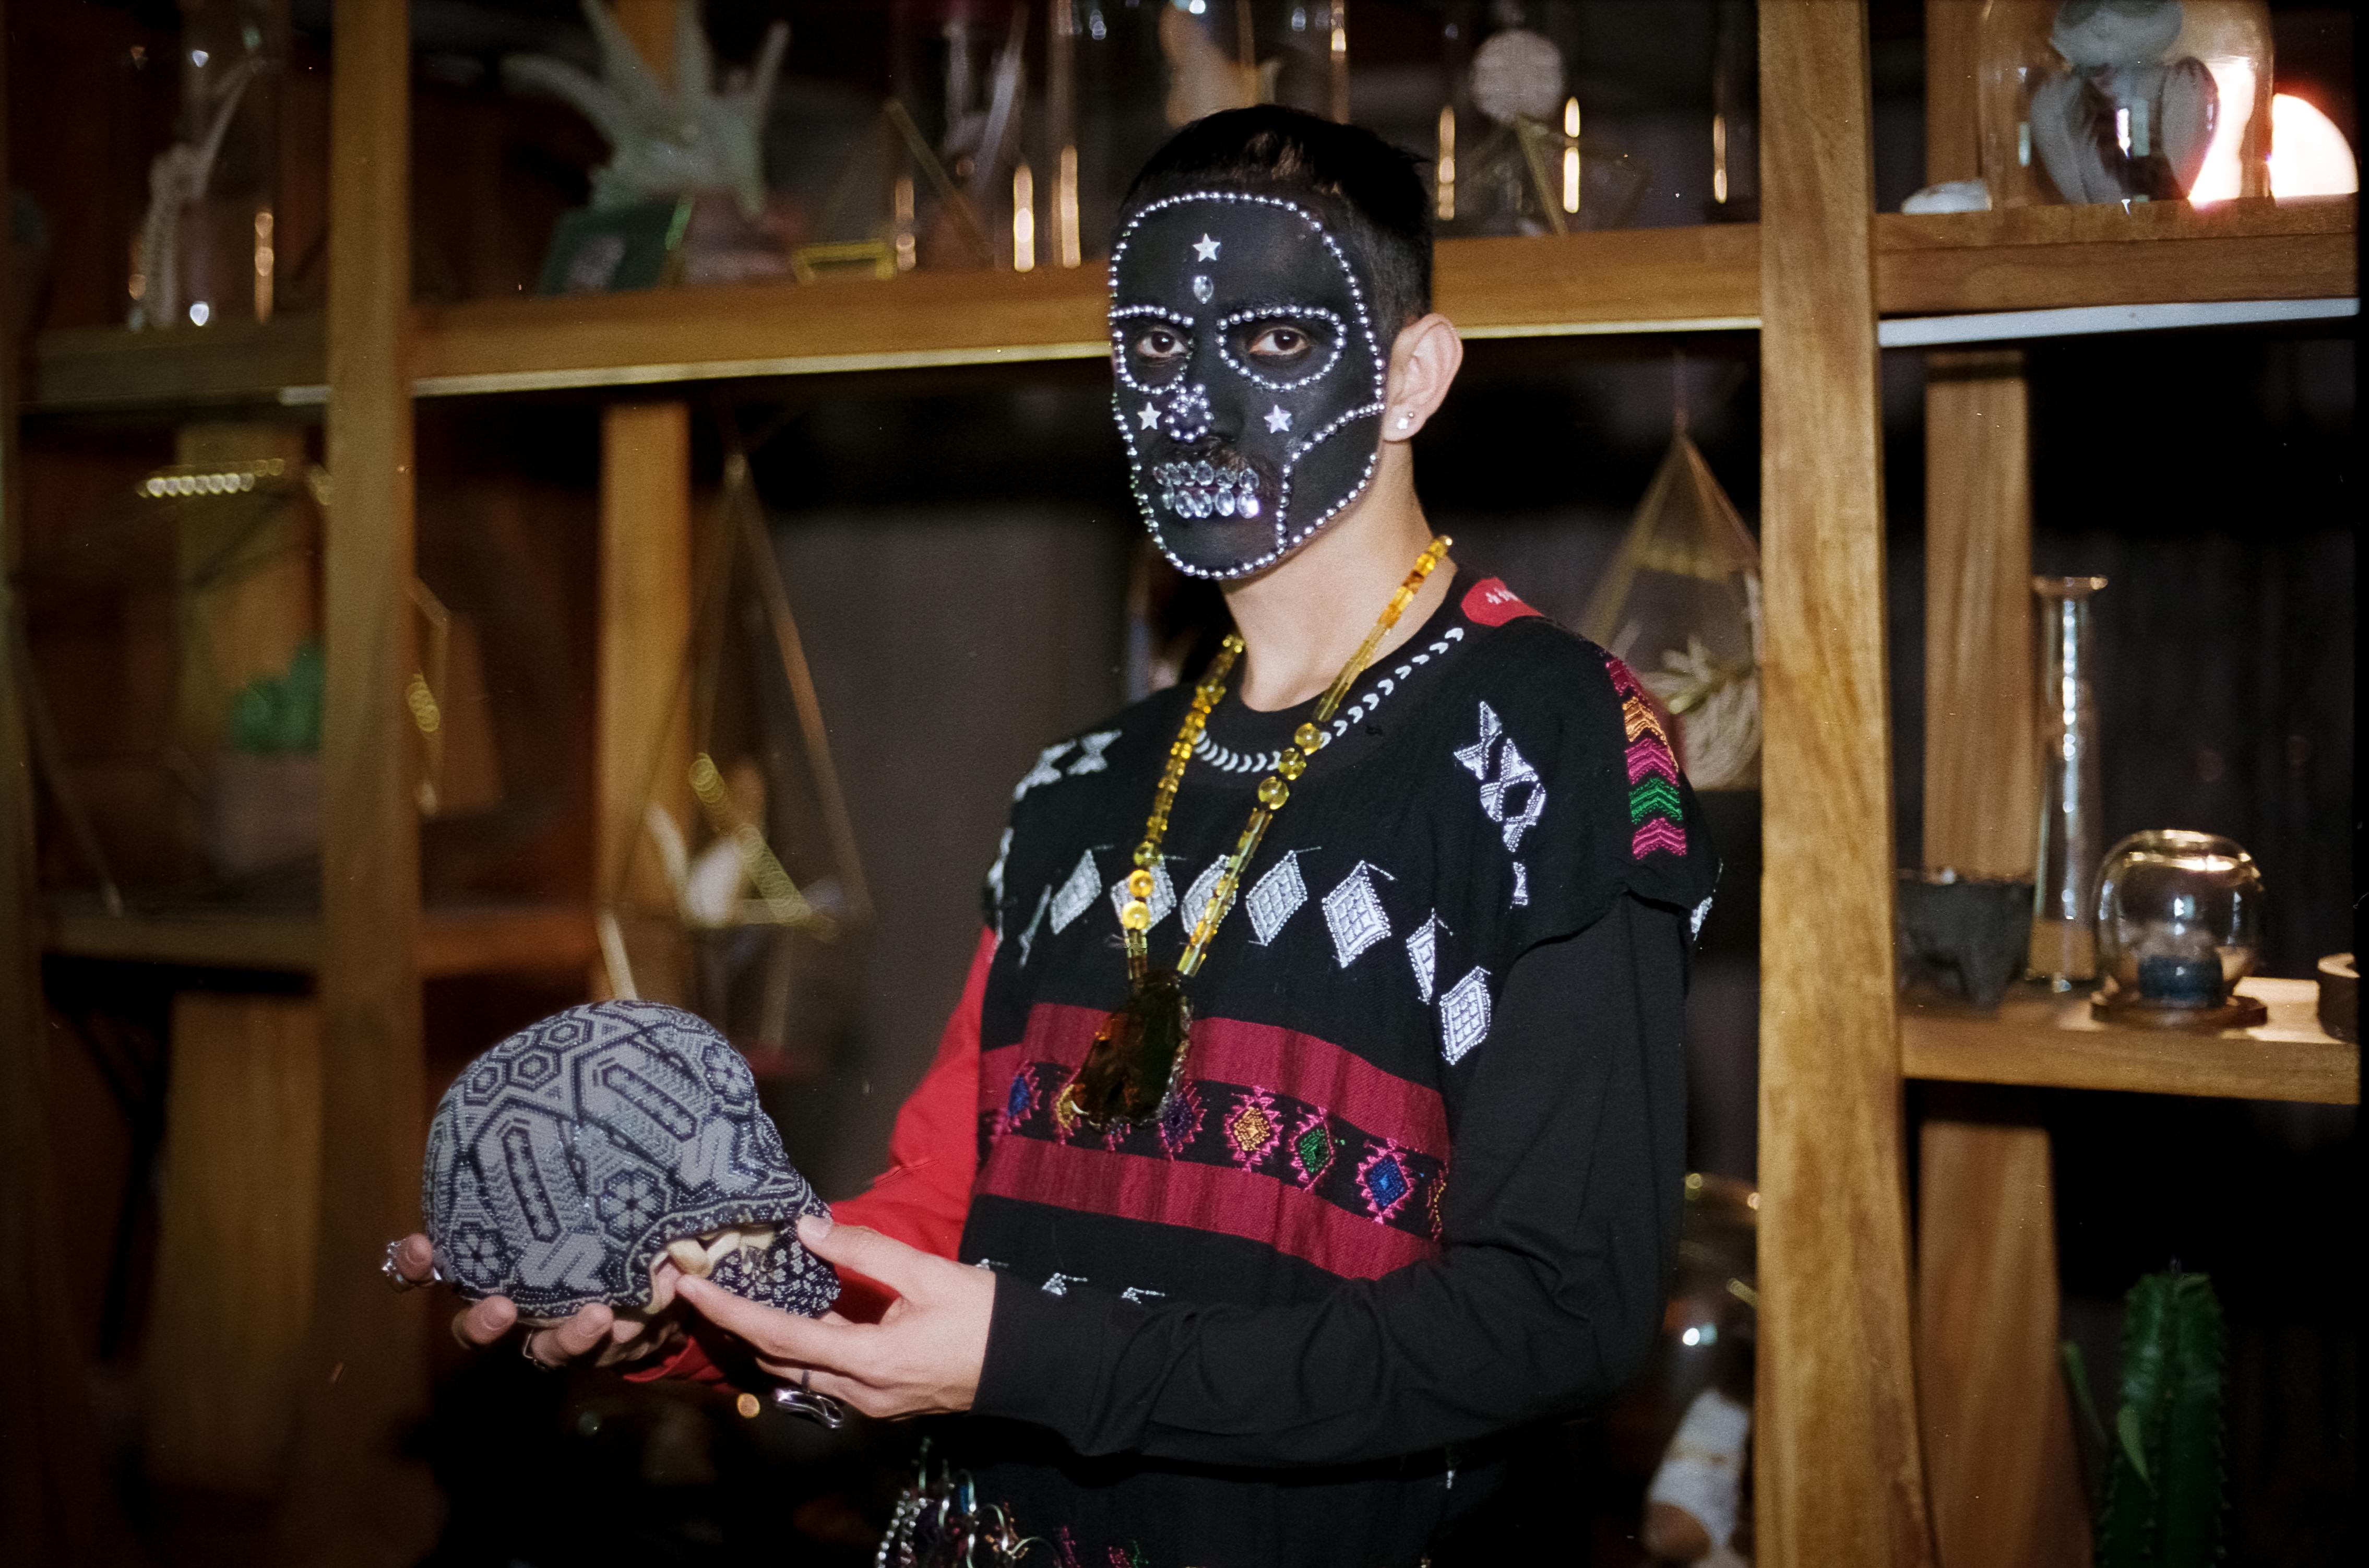 Día de Muertos, Mictlantecuhtli